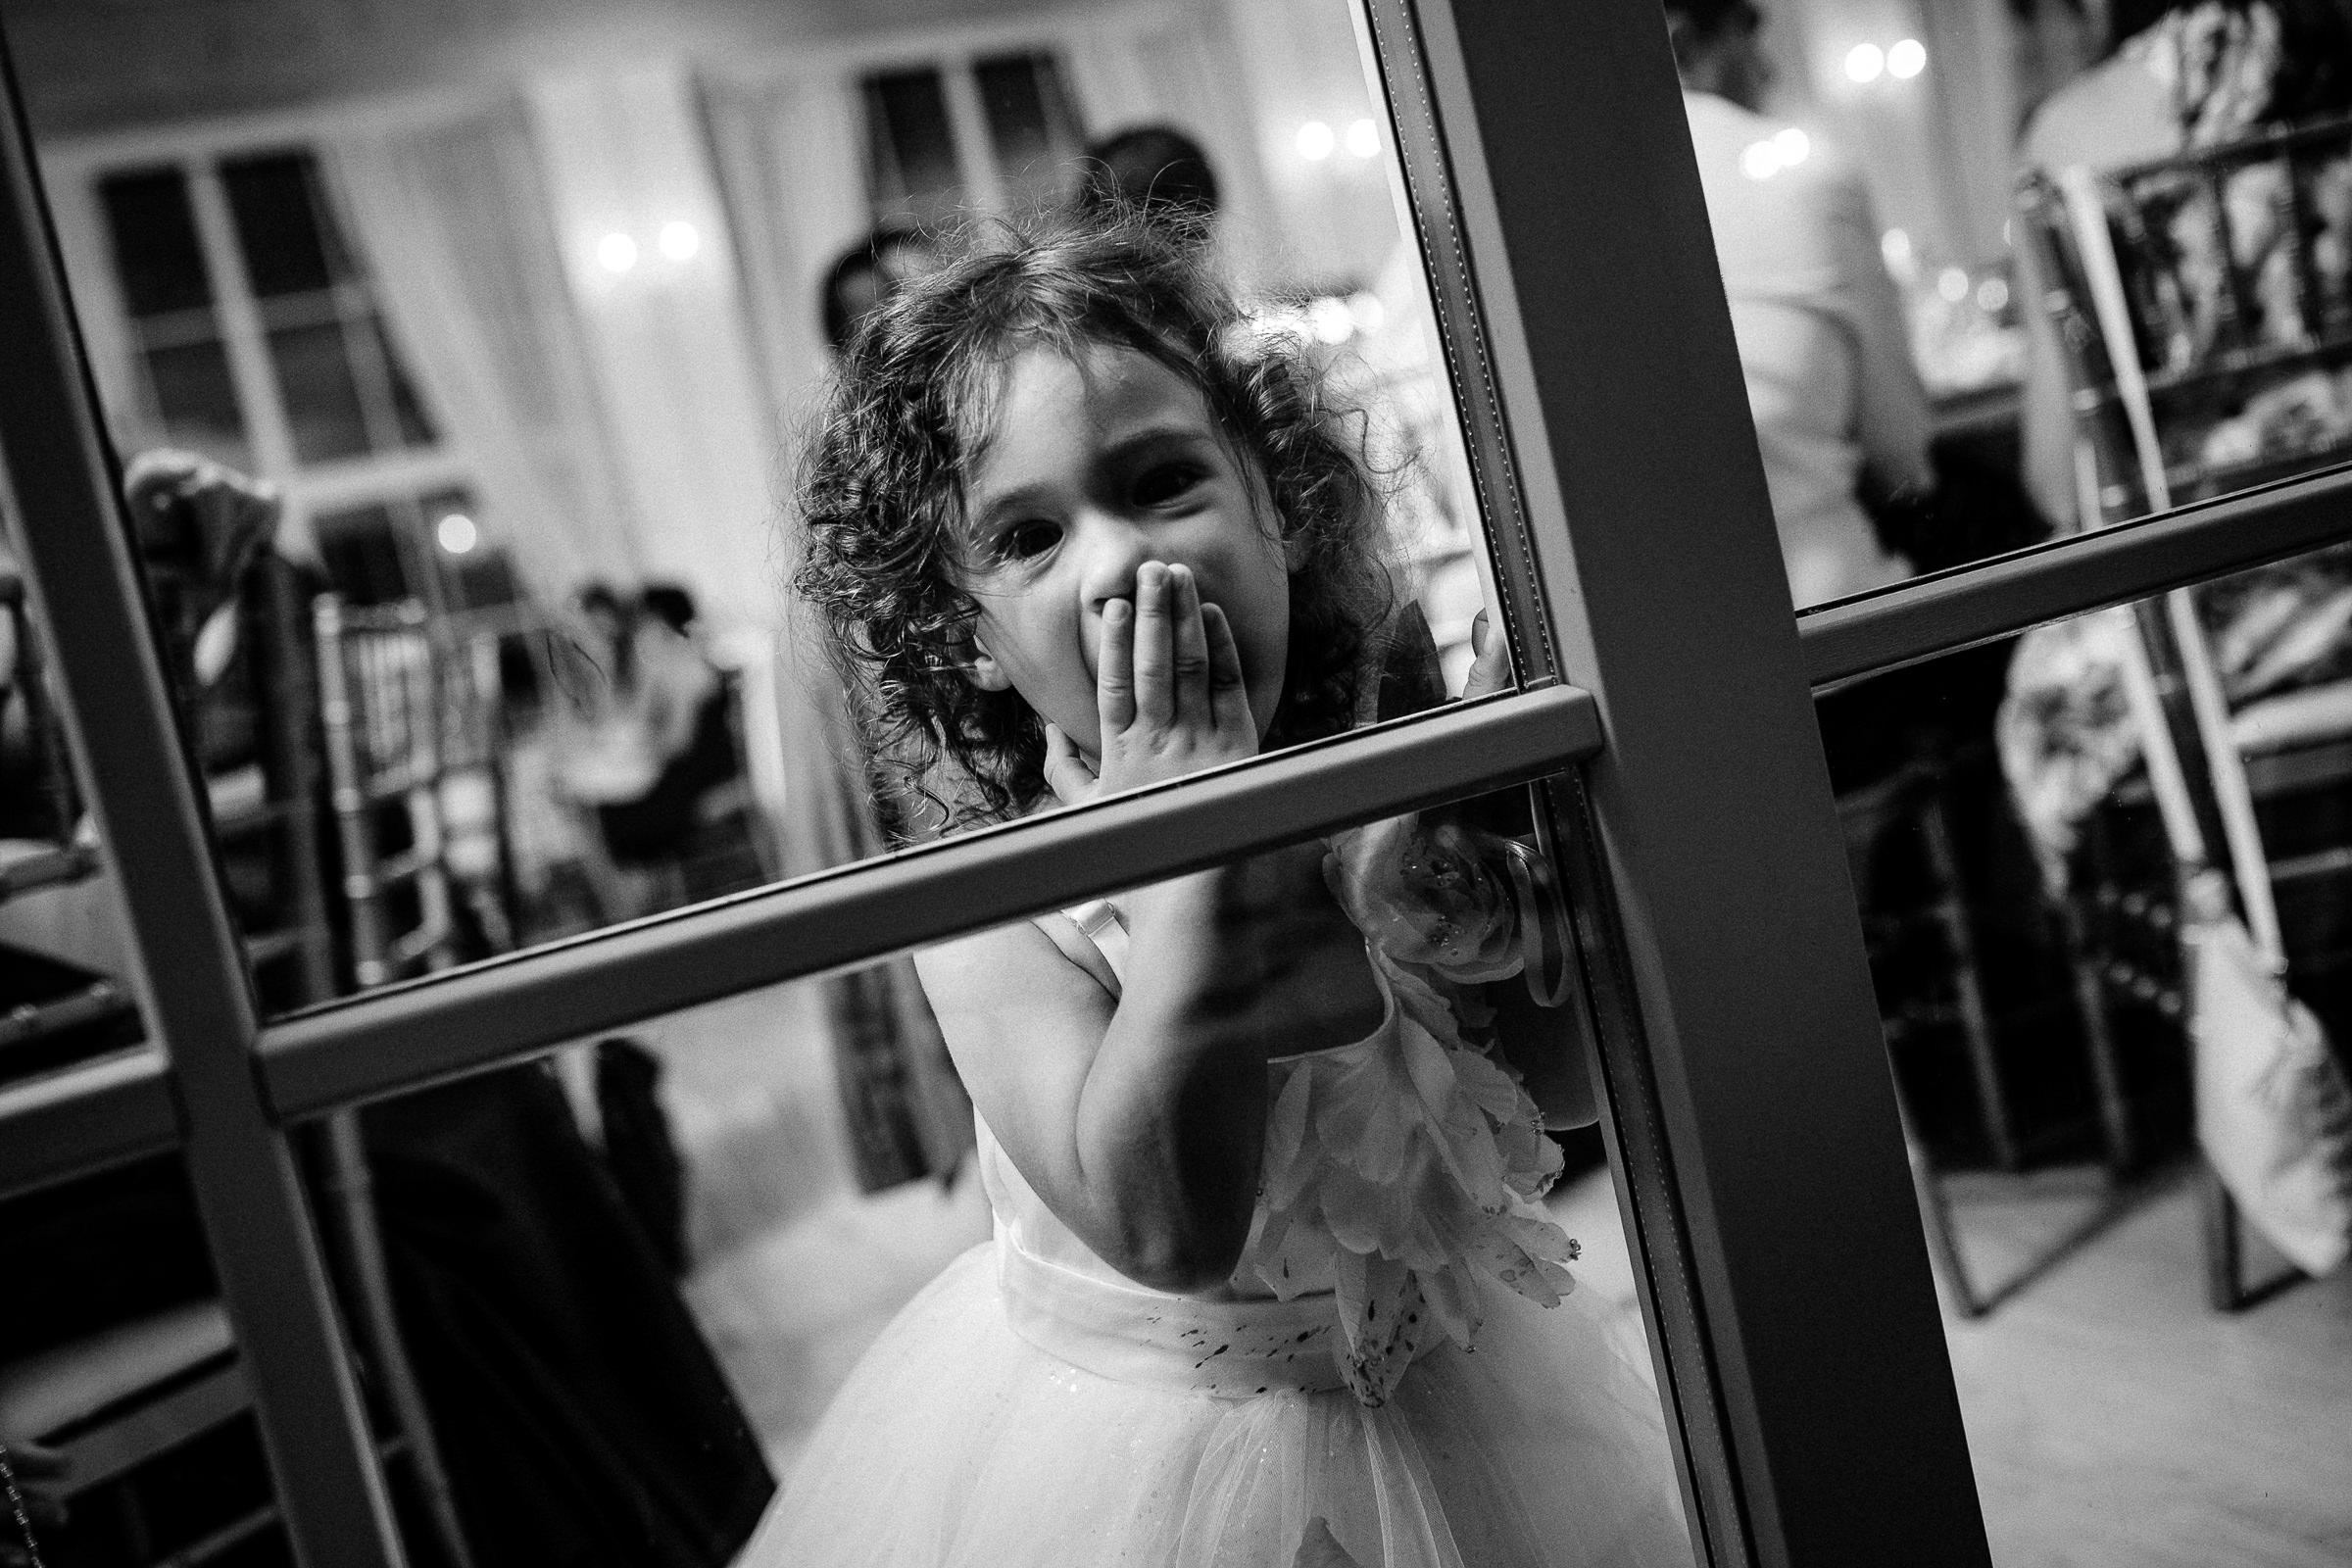 Little girl looking through glass door - photo by Deliysky Studio